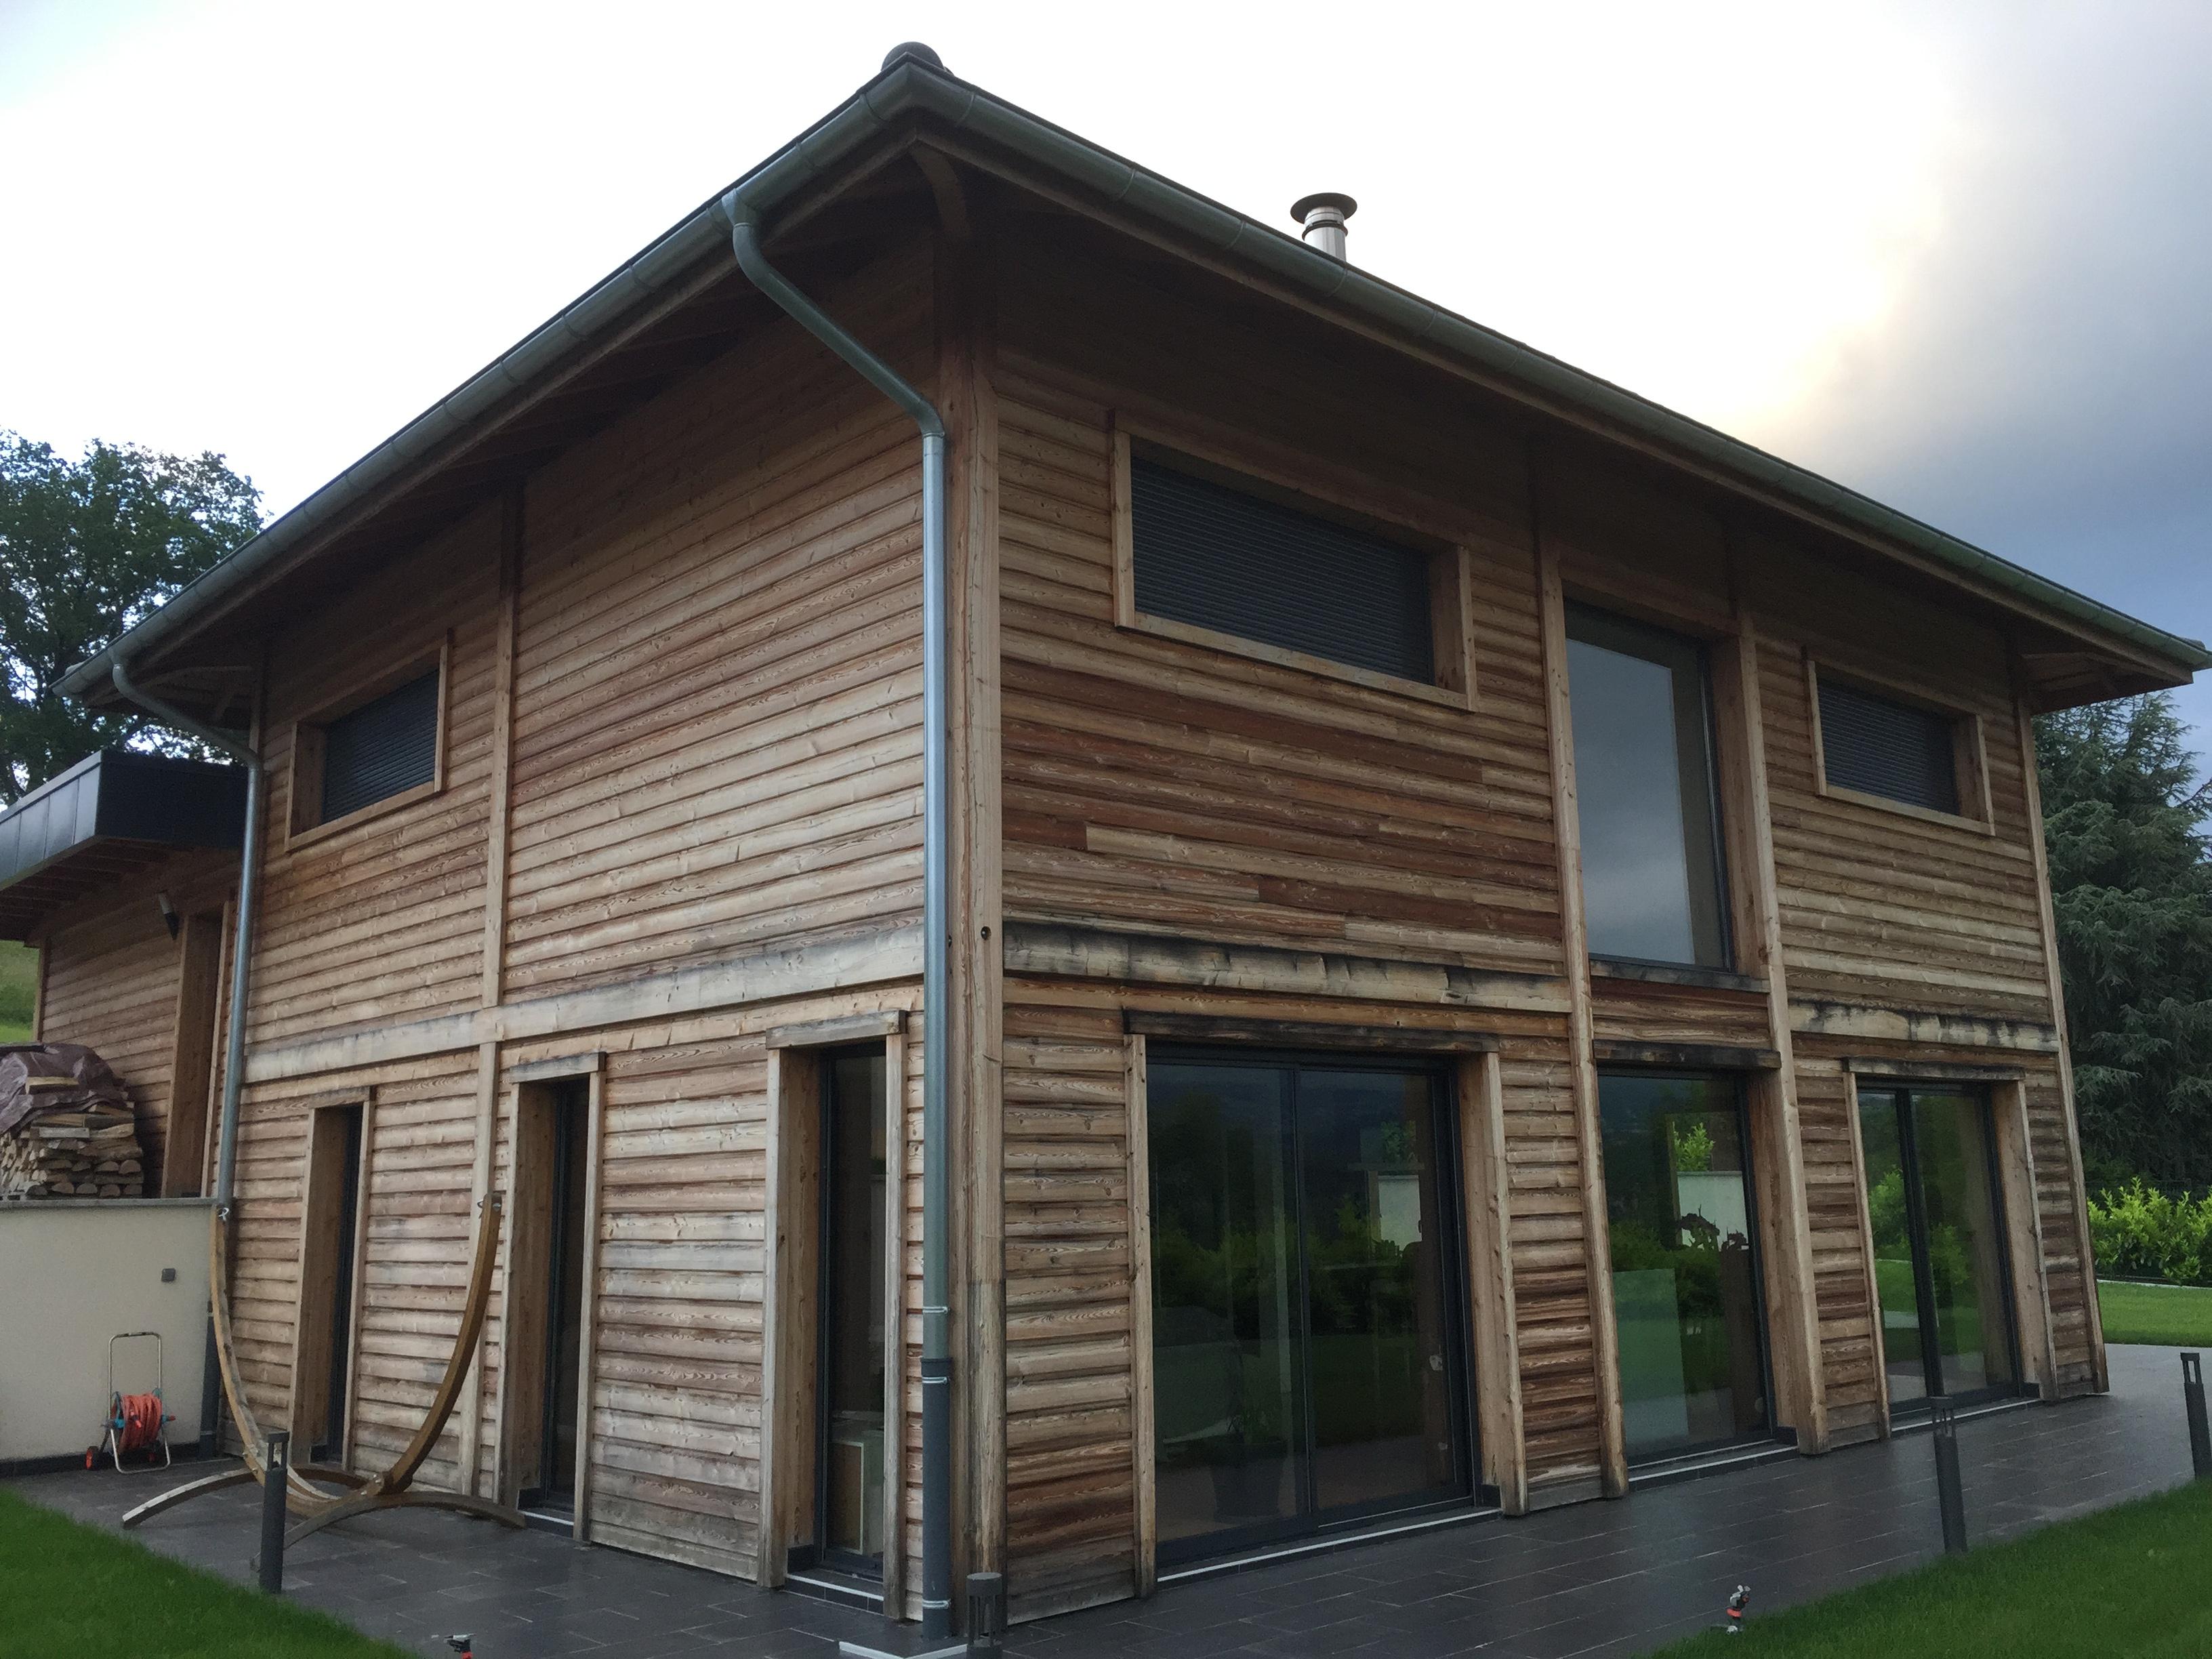 Maison en bois avec quoi d griser et entretenir le for Bardage de maison